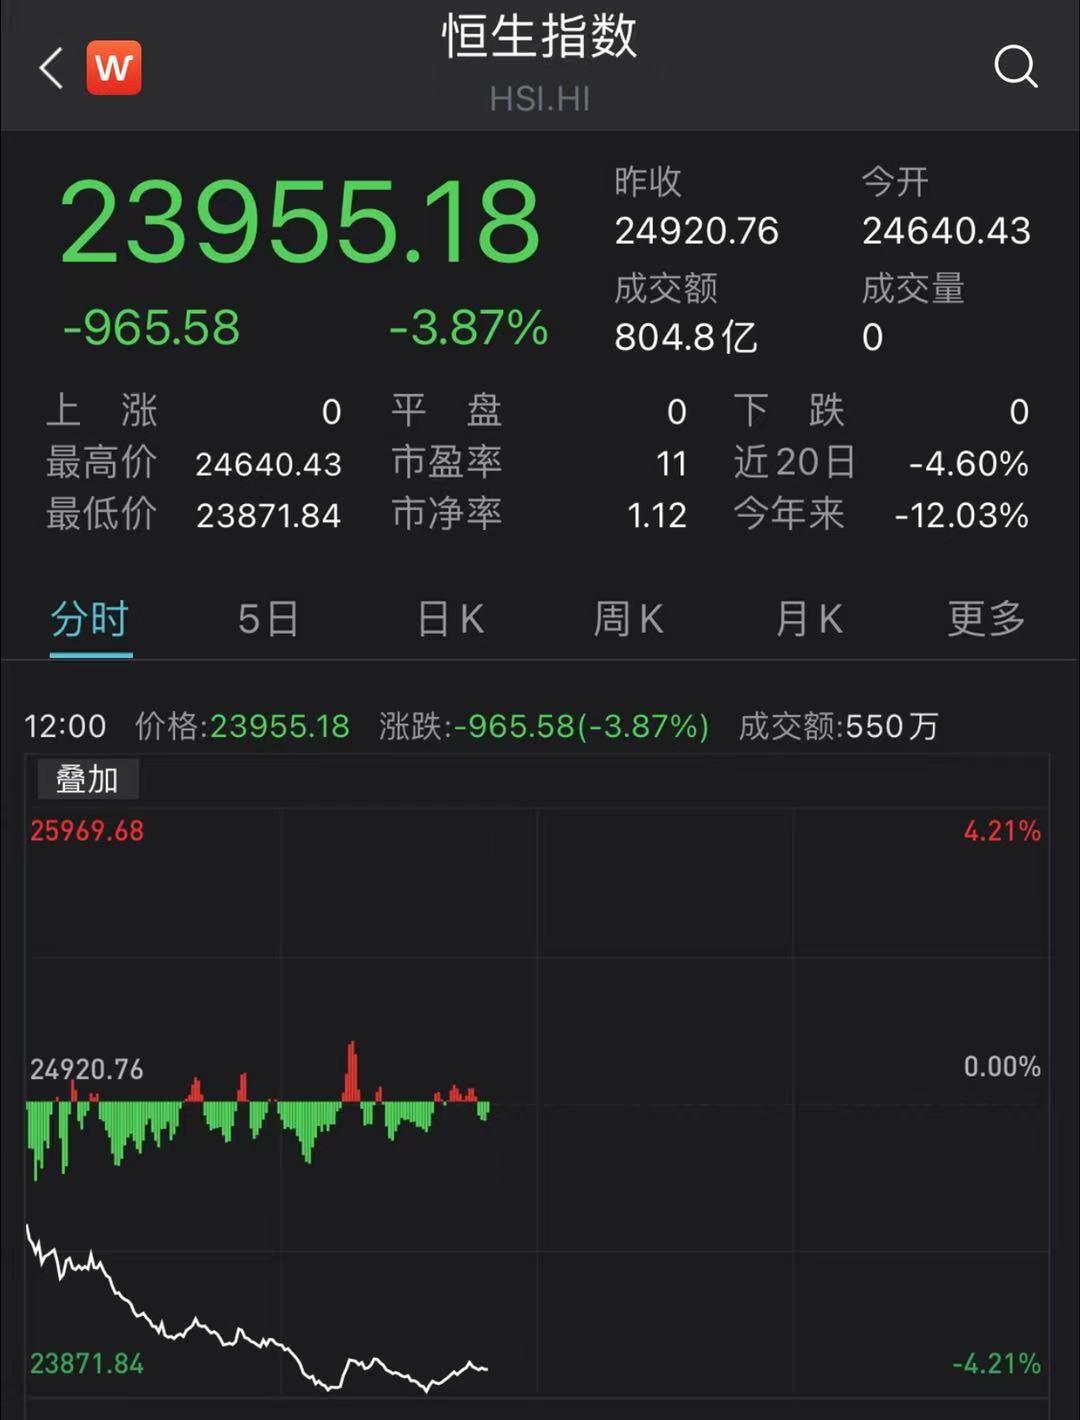 突发!港股全线杀跌,失守24000点!多只地产股大跌10%,富时中国A50罕见跌了4%,连招行都大跌10%...发生了什么?